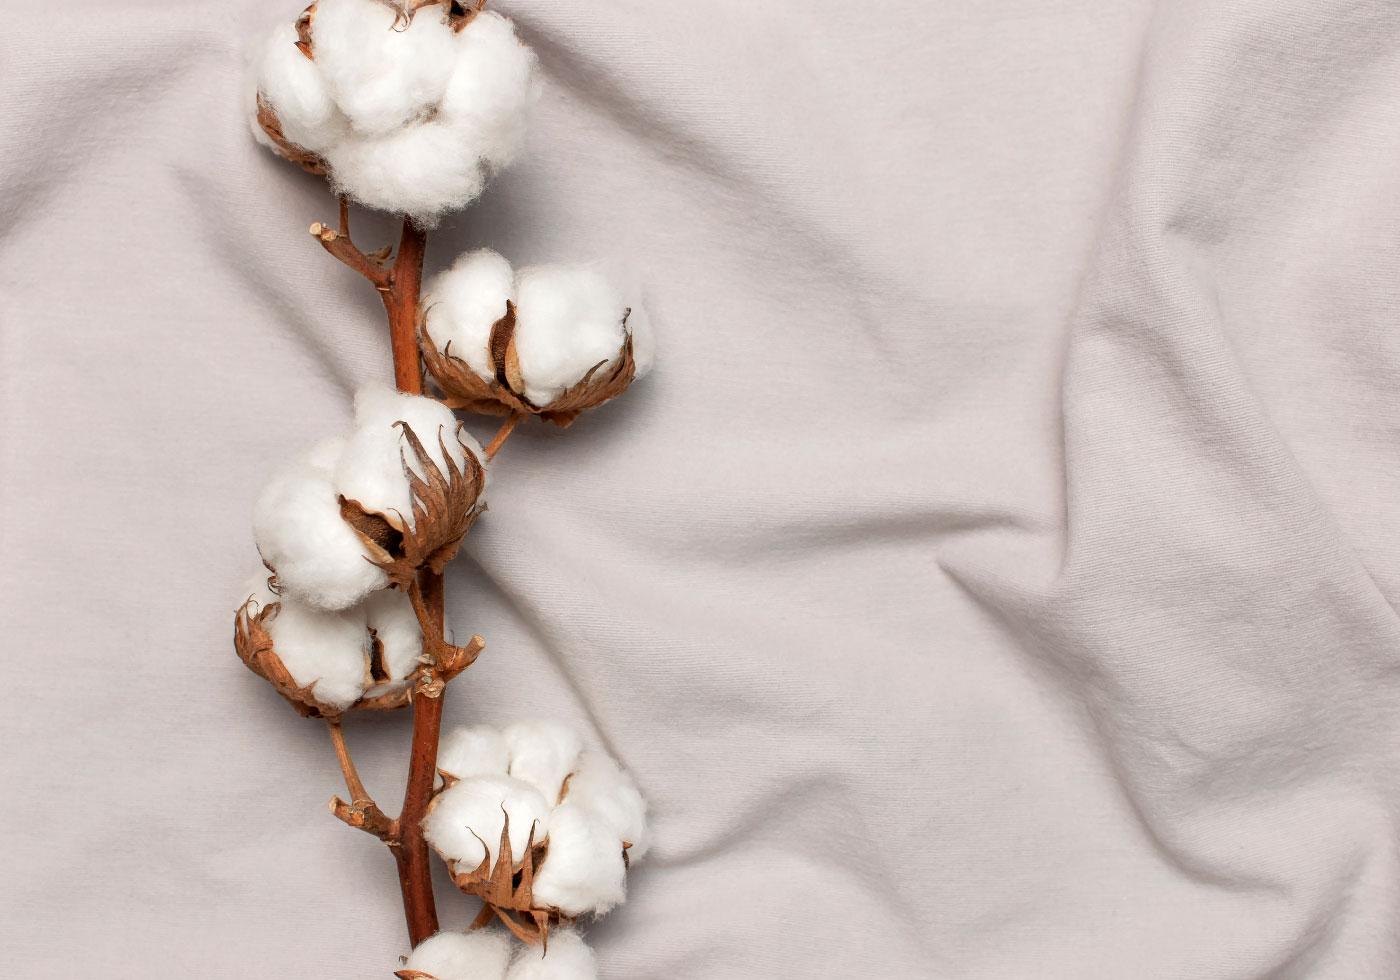 Baumwollpflanze auf Beigem Markenbezug